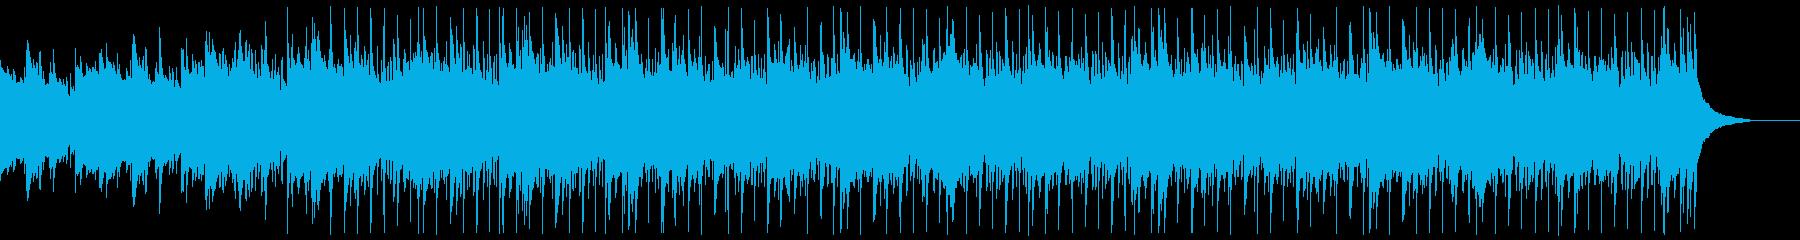 洋楽 ドラマチック おしゃれ 木製...の再生済みの波形